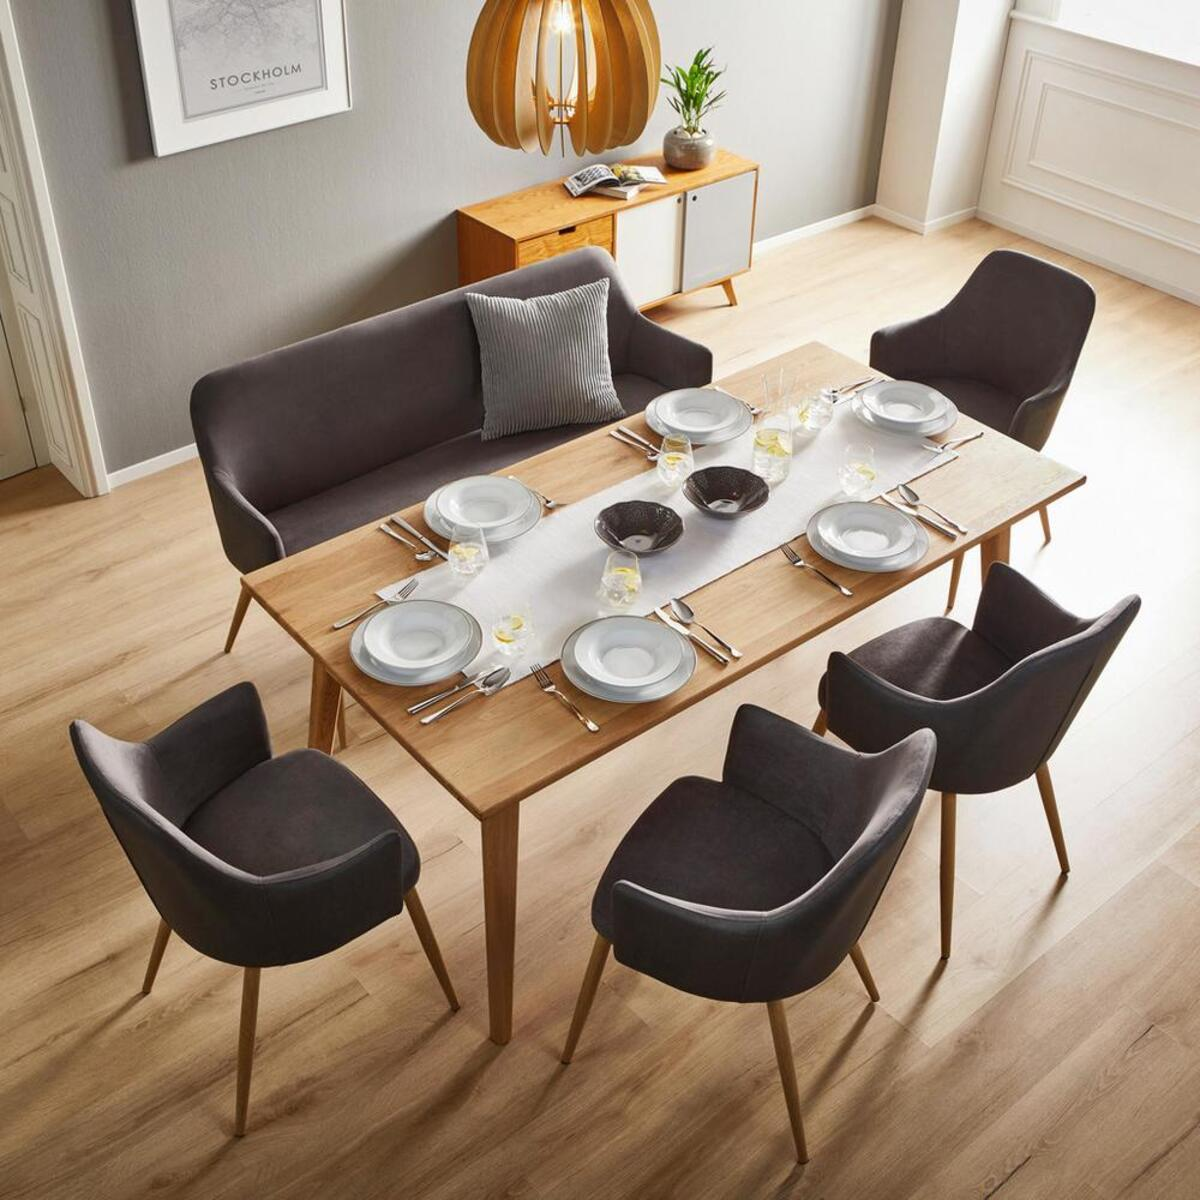 Bild 3 von Armlehnstuhl in Dunkelgrau 'Chrisi'